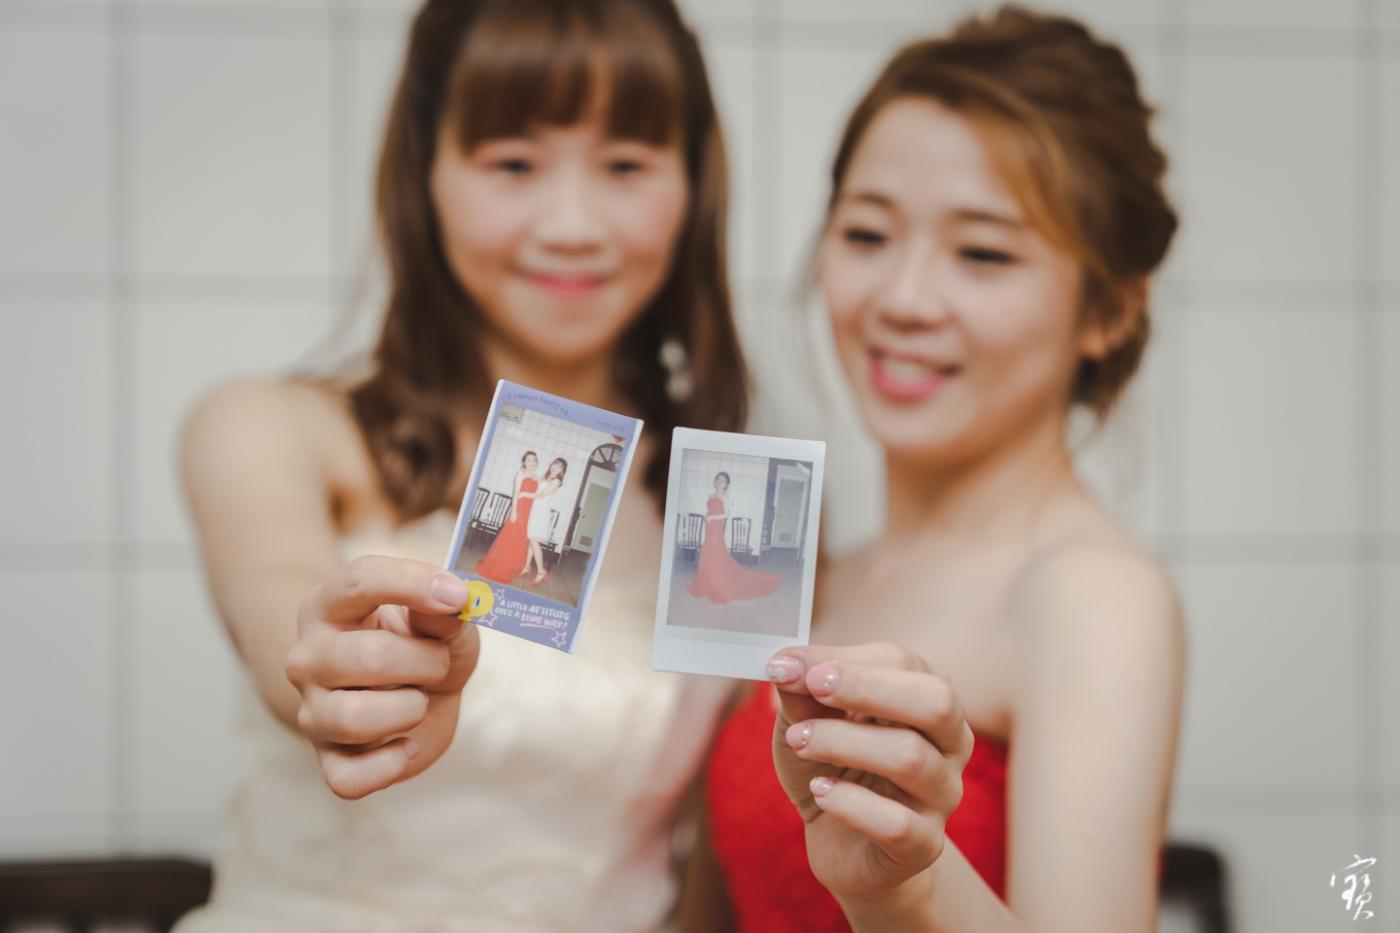 桃園婚禮 晶麒莊園 婚禮攝影 攝影師大寶 北部攝影 桃園攝影 新竹攝影 台北攝影 婚攝 早儀晚宴 1071014-2